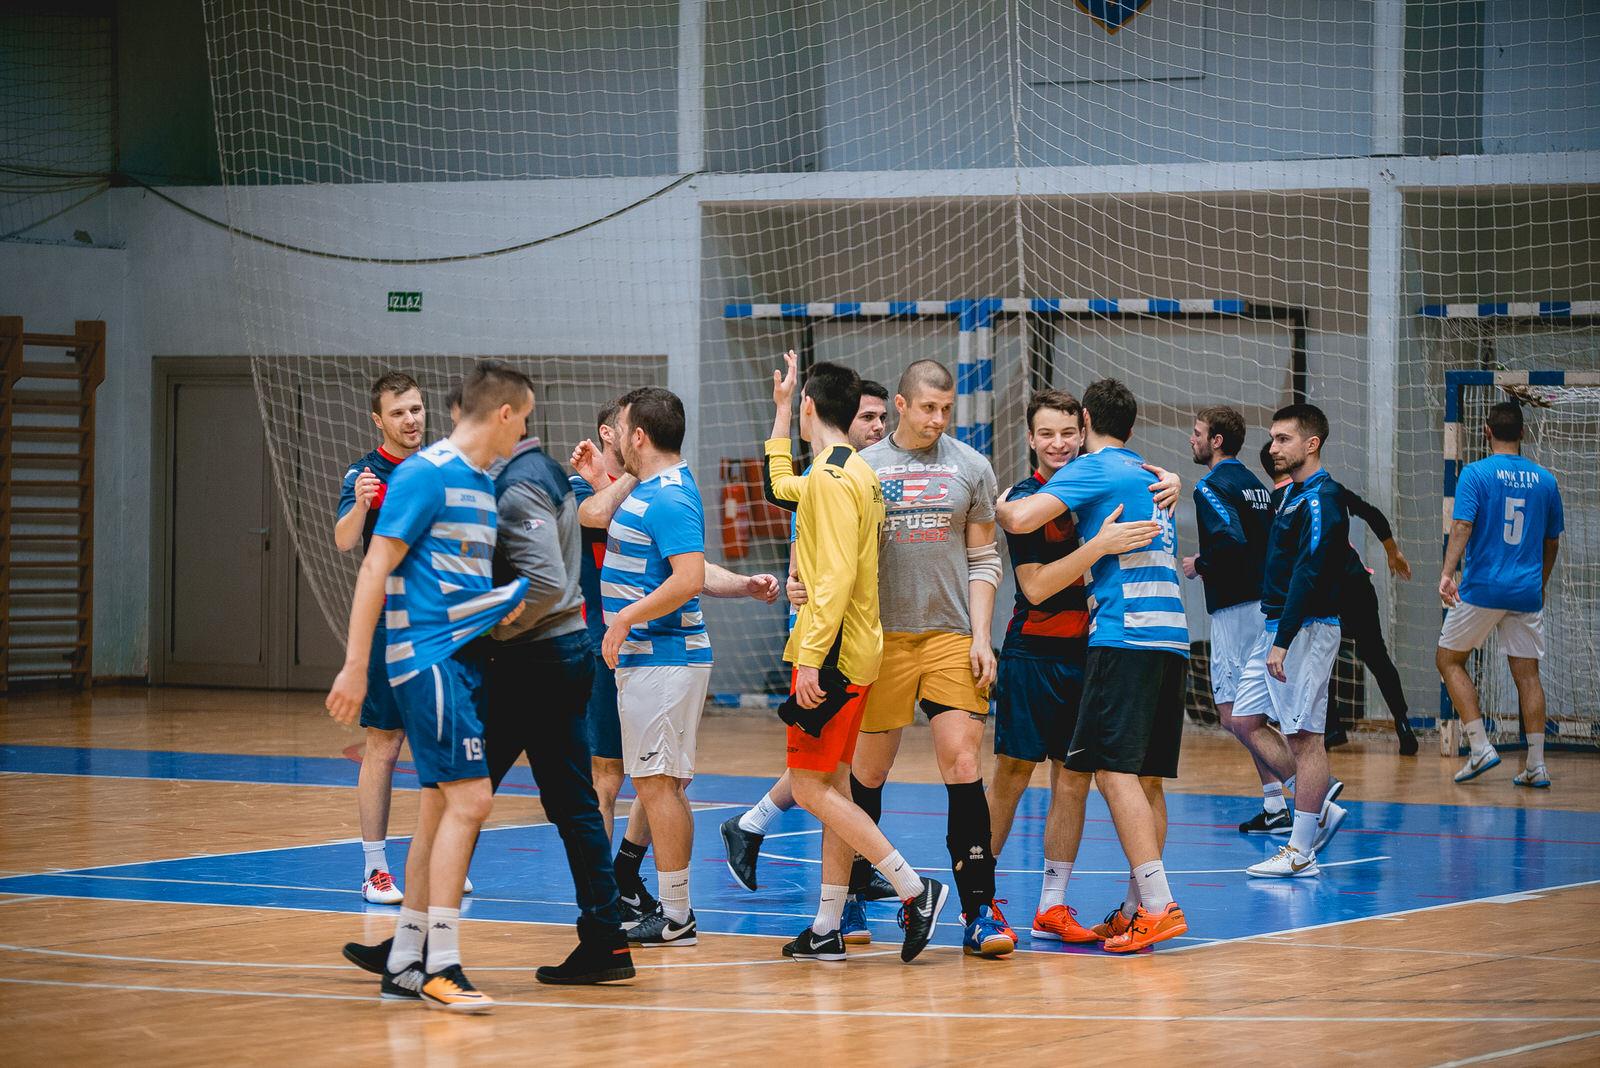 likaclub_gospić_zimski-malonogometni-turnir-2018-19-44